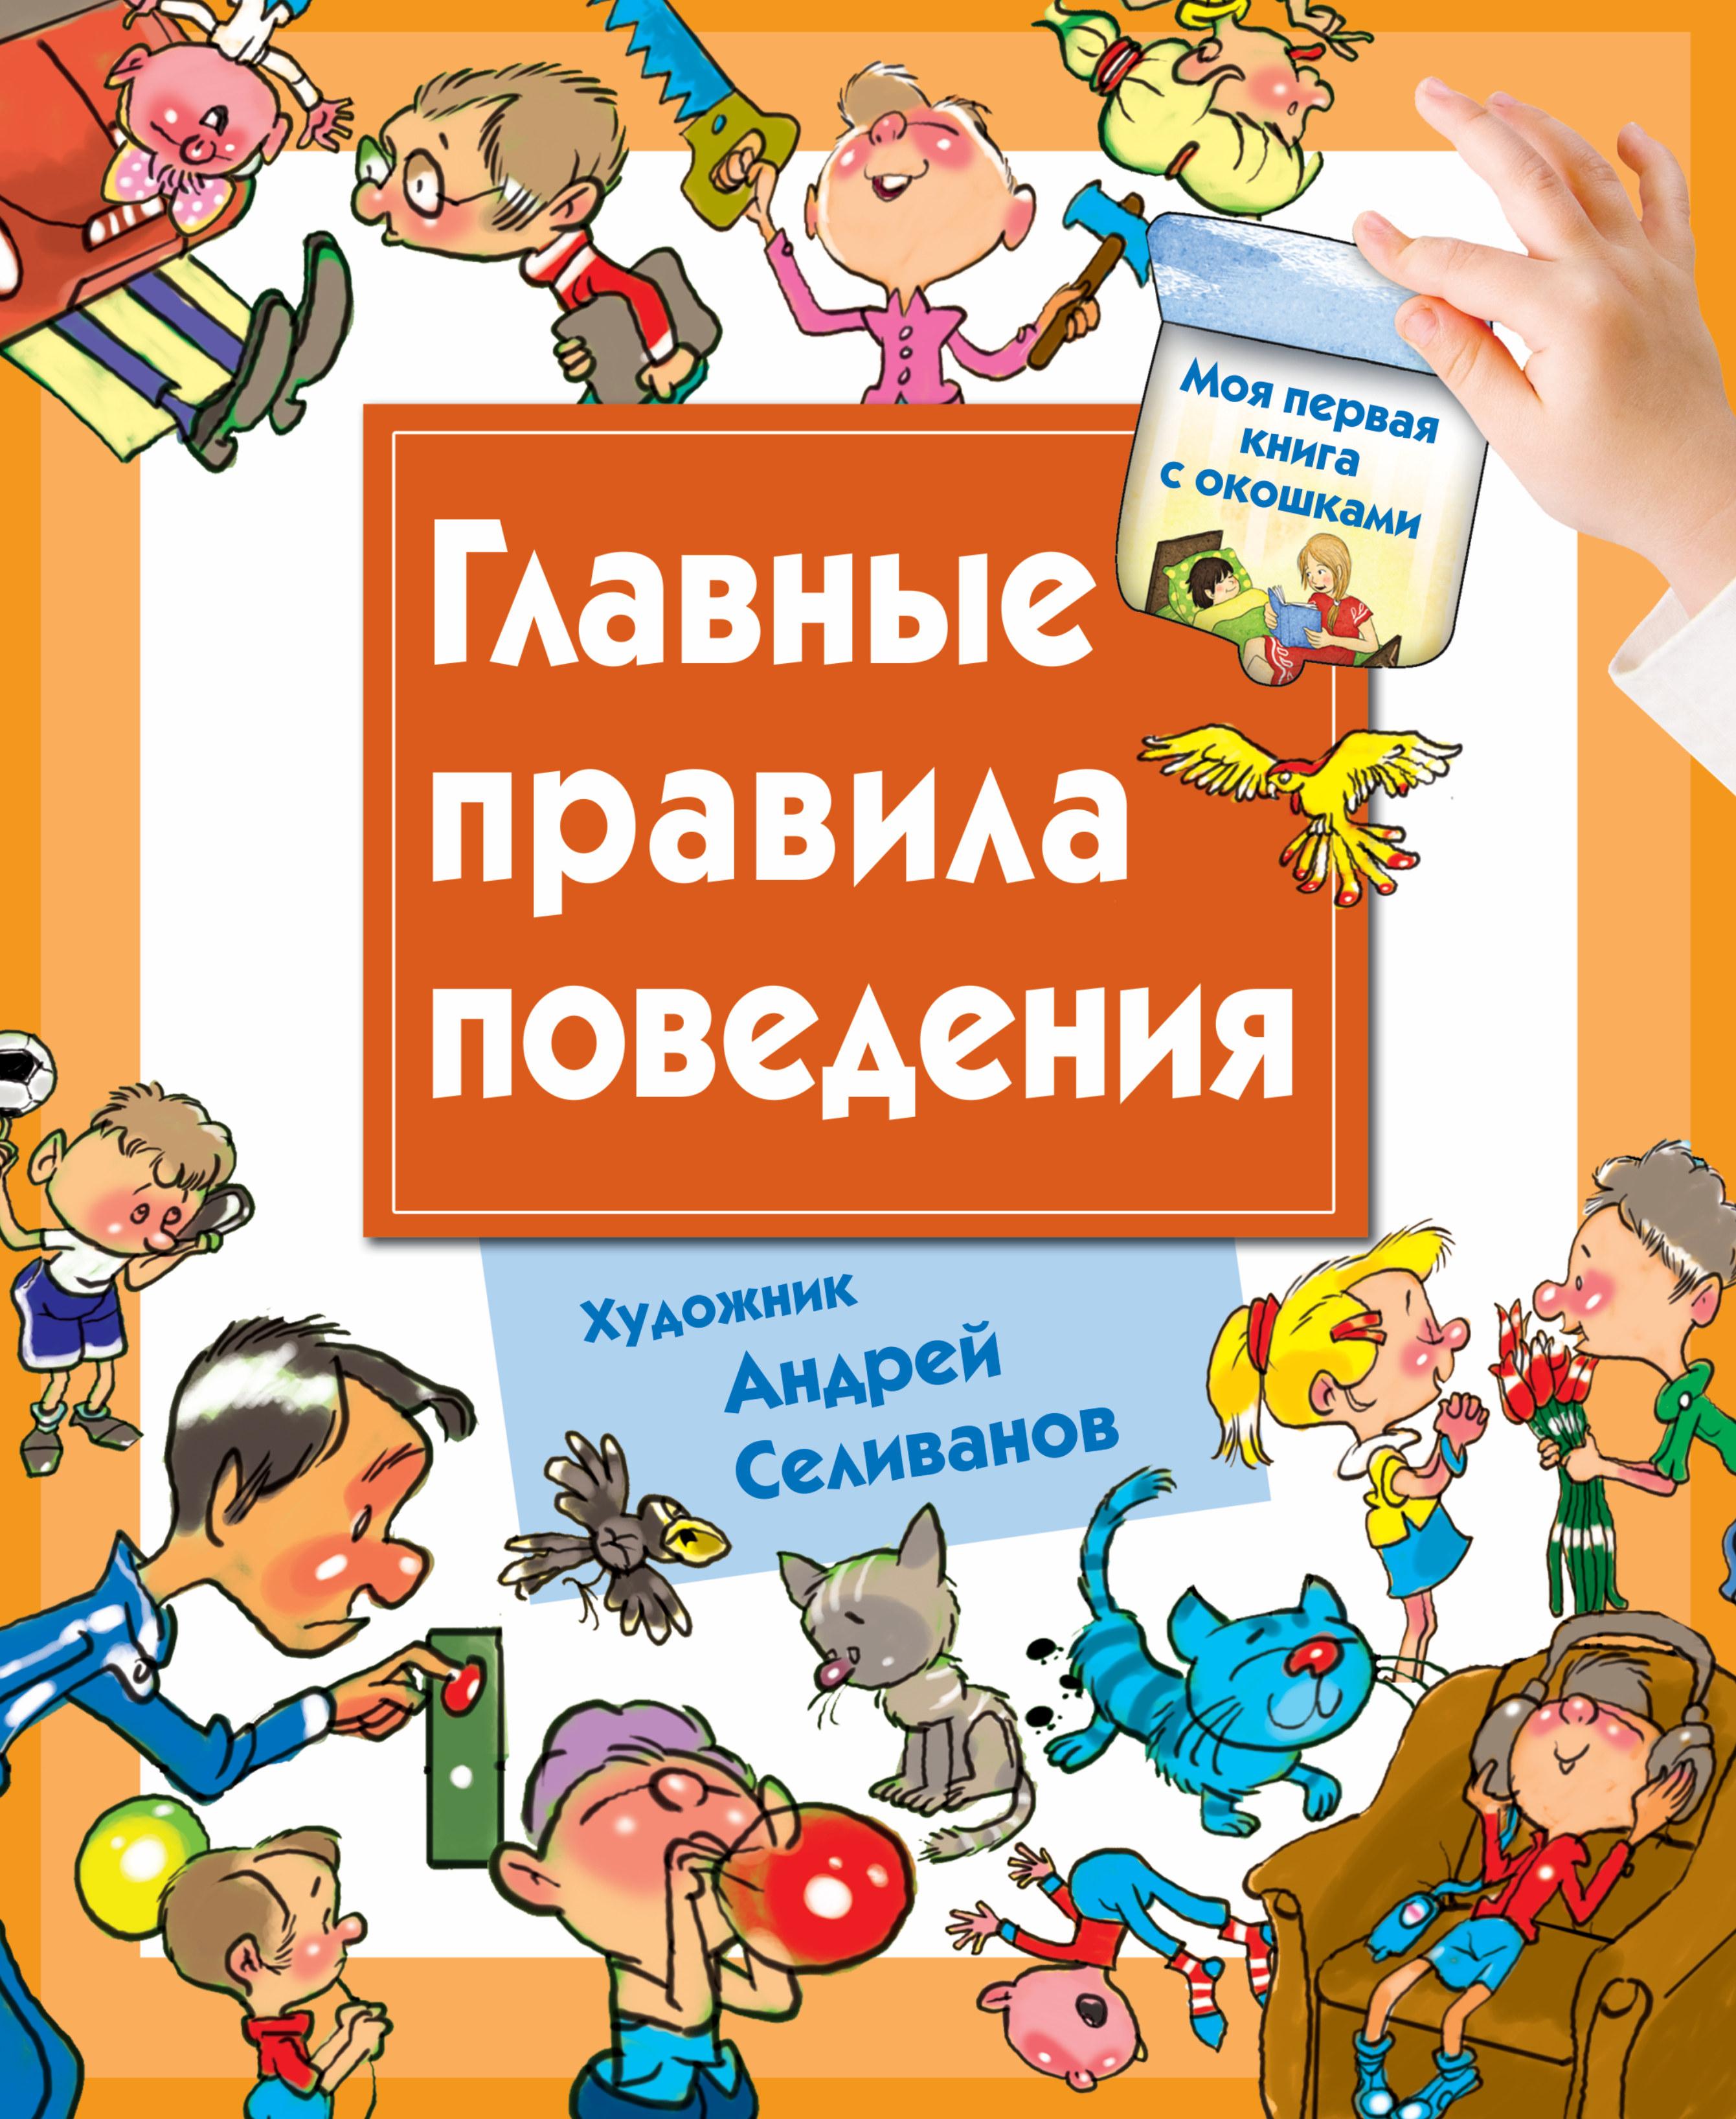 Селиванов А.А. Главные правила поведения корнеева школа безопасности как не попасть в беду